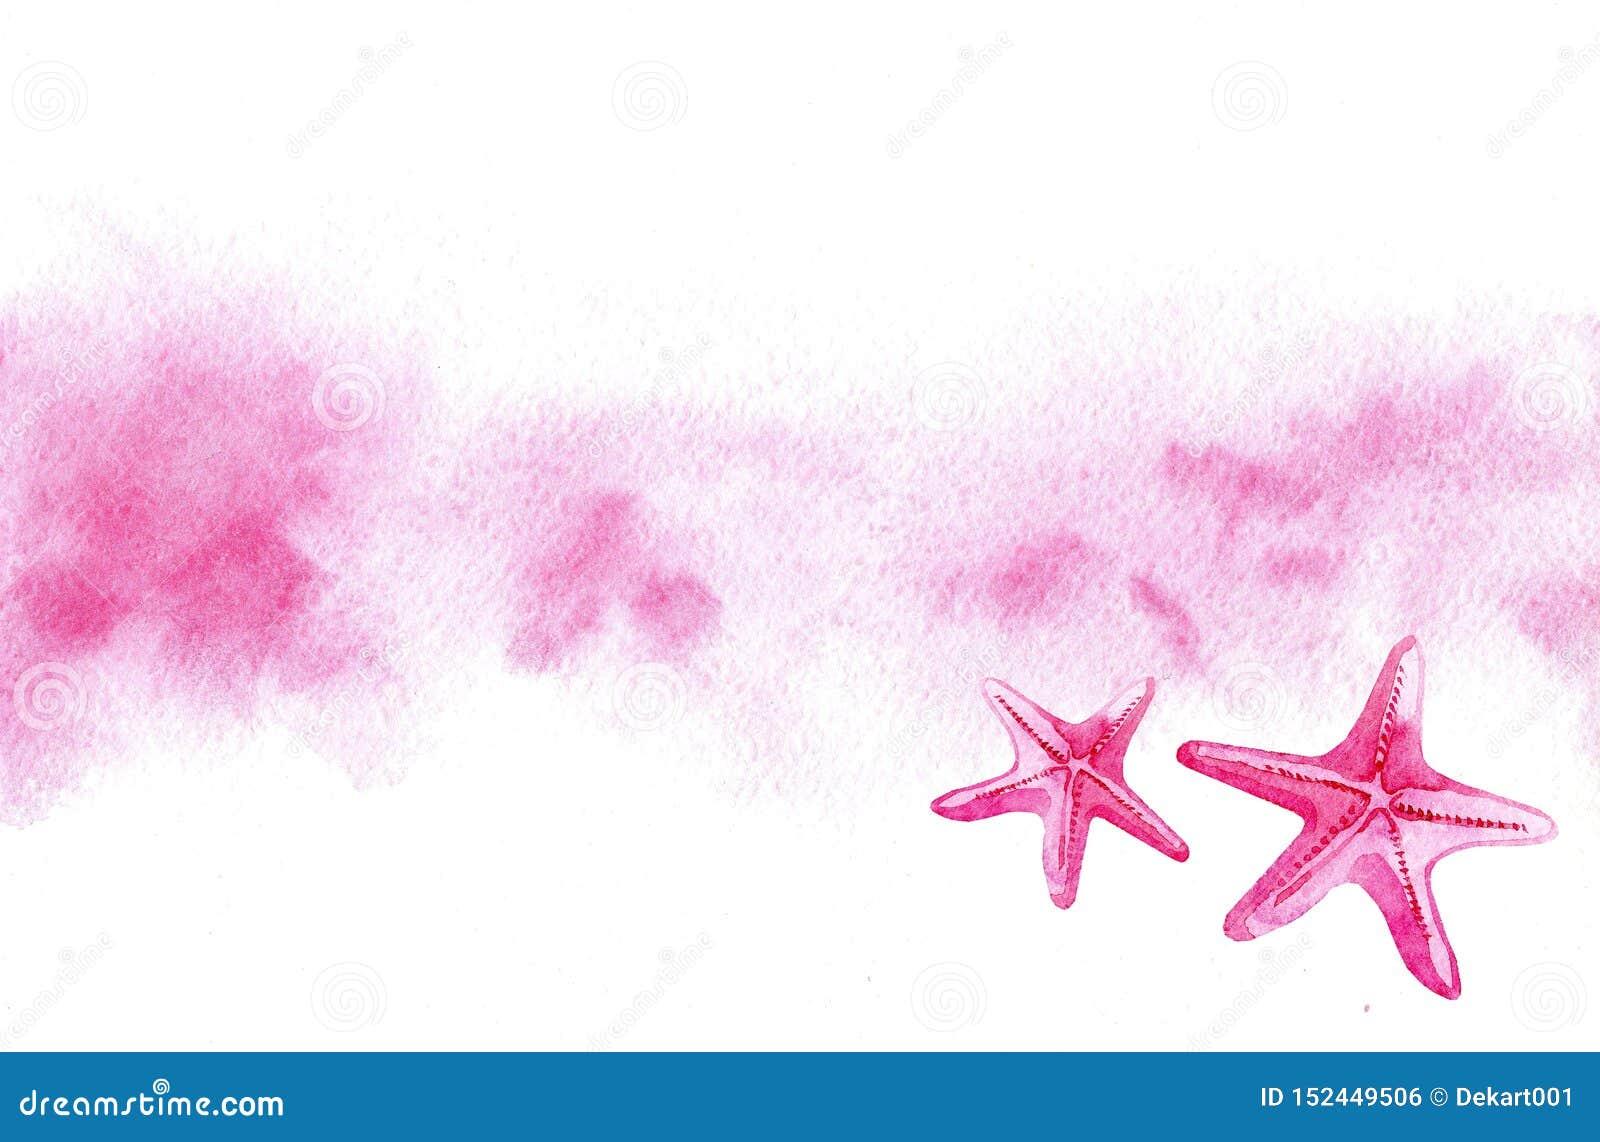 Unscharfer Hintergrund des Handgezogenes Aquarells Rosa und rosa Starfishes